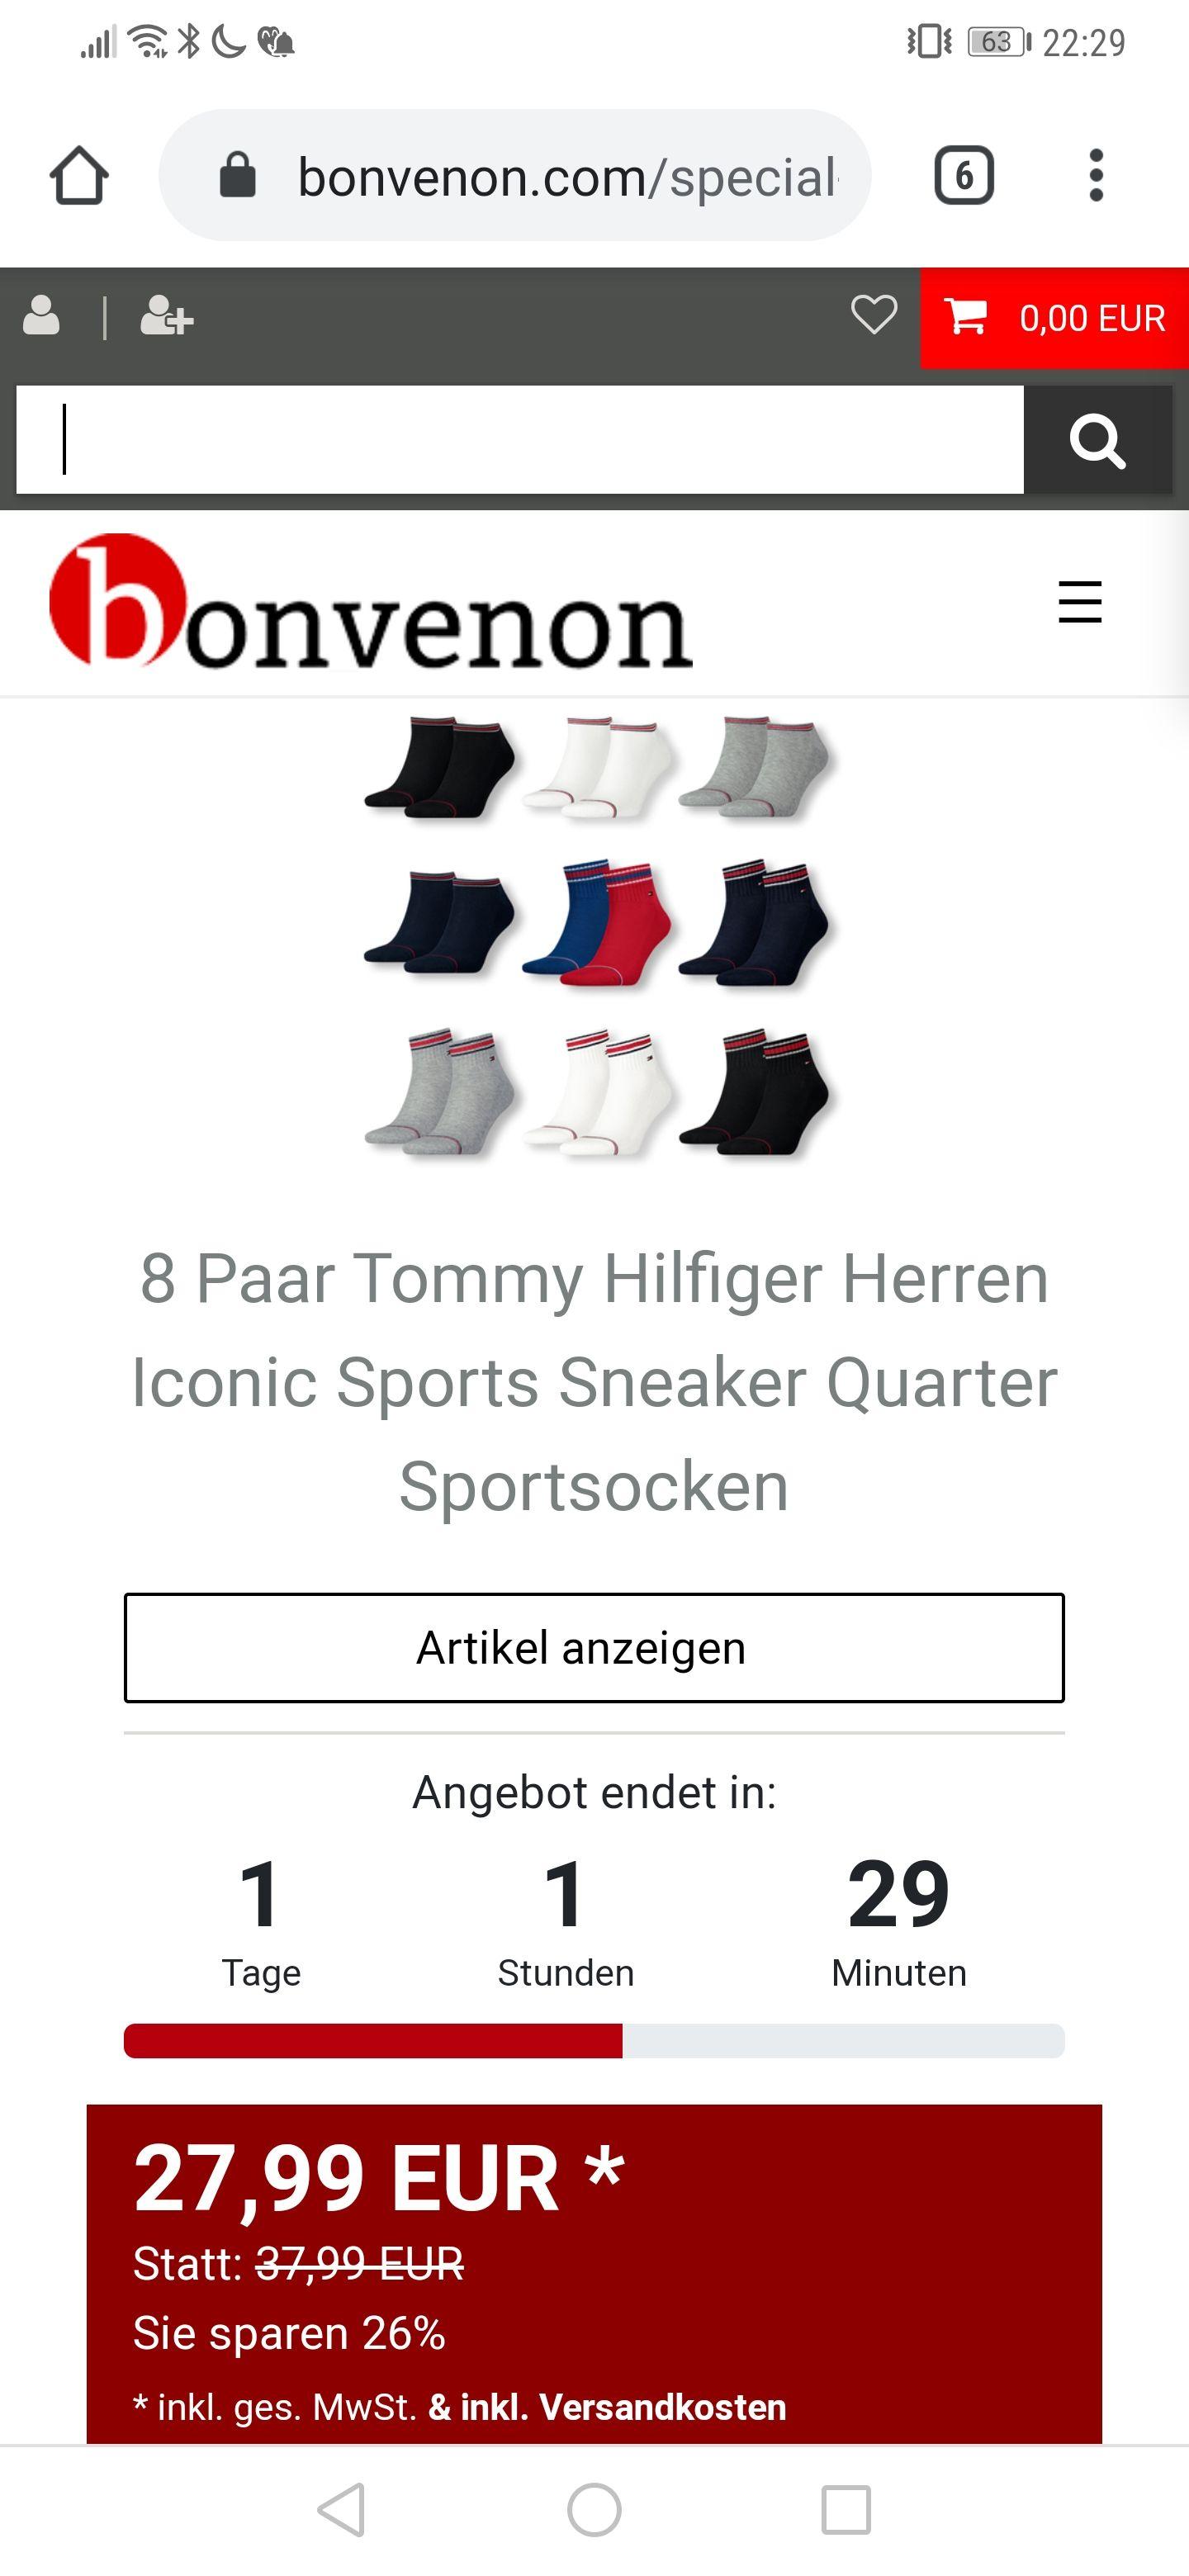 Black Deals Tommy Hilfiger Iconic Socken Quarter oder Sneaker im 8er Pack - Bis morgen -